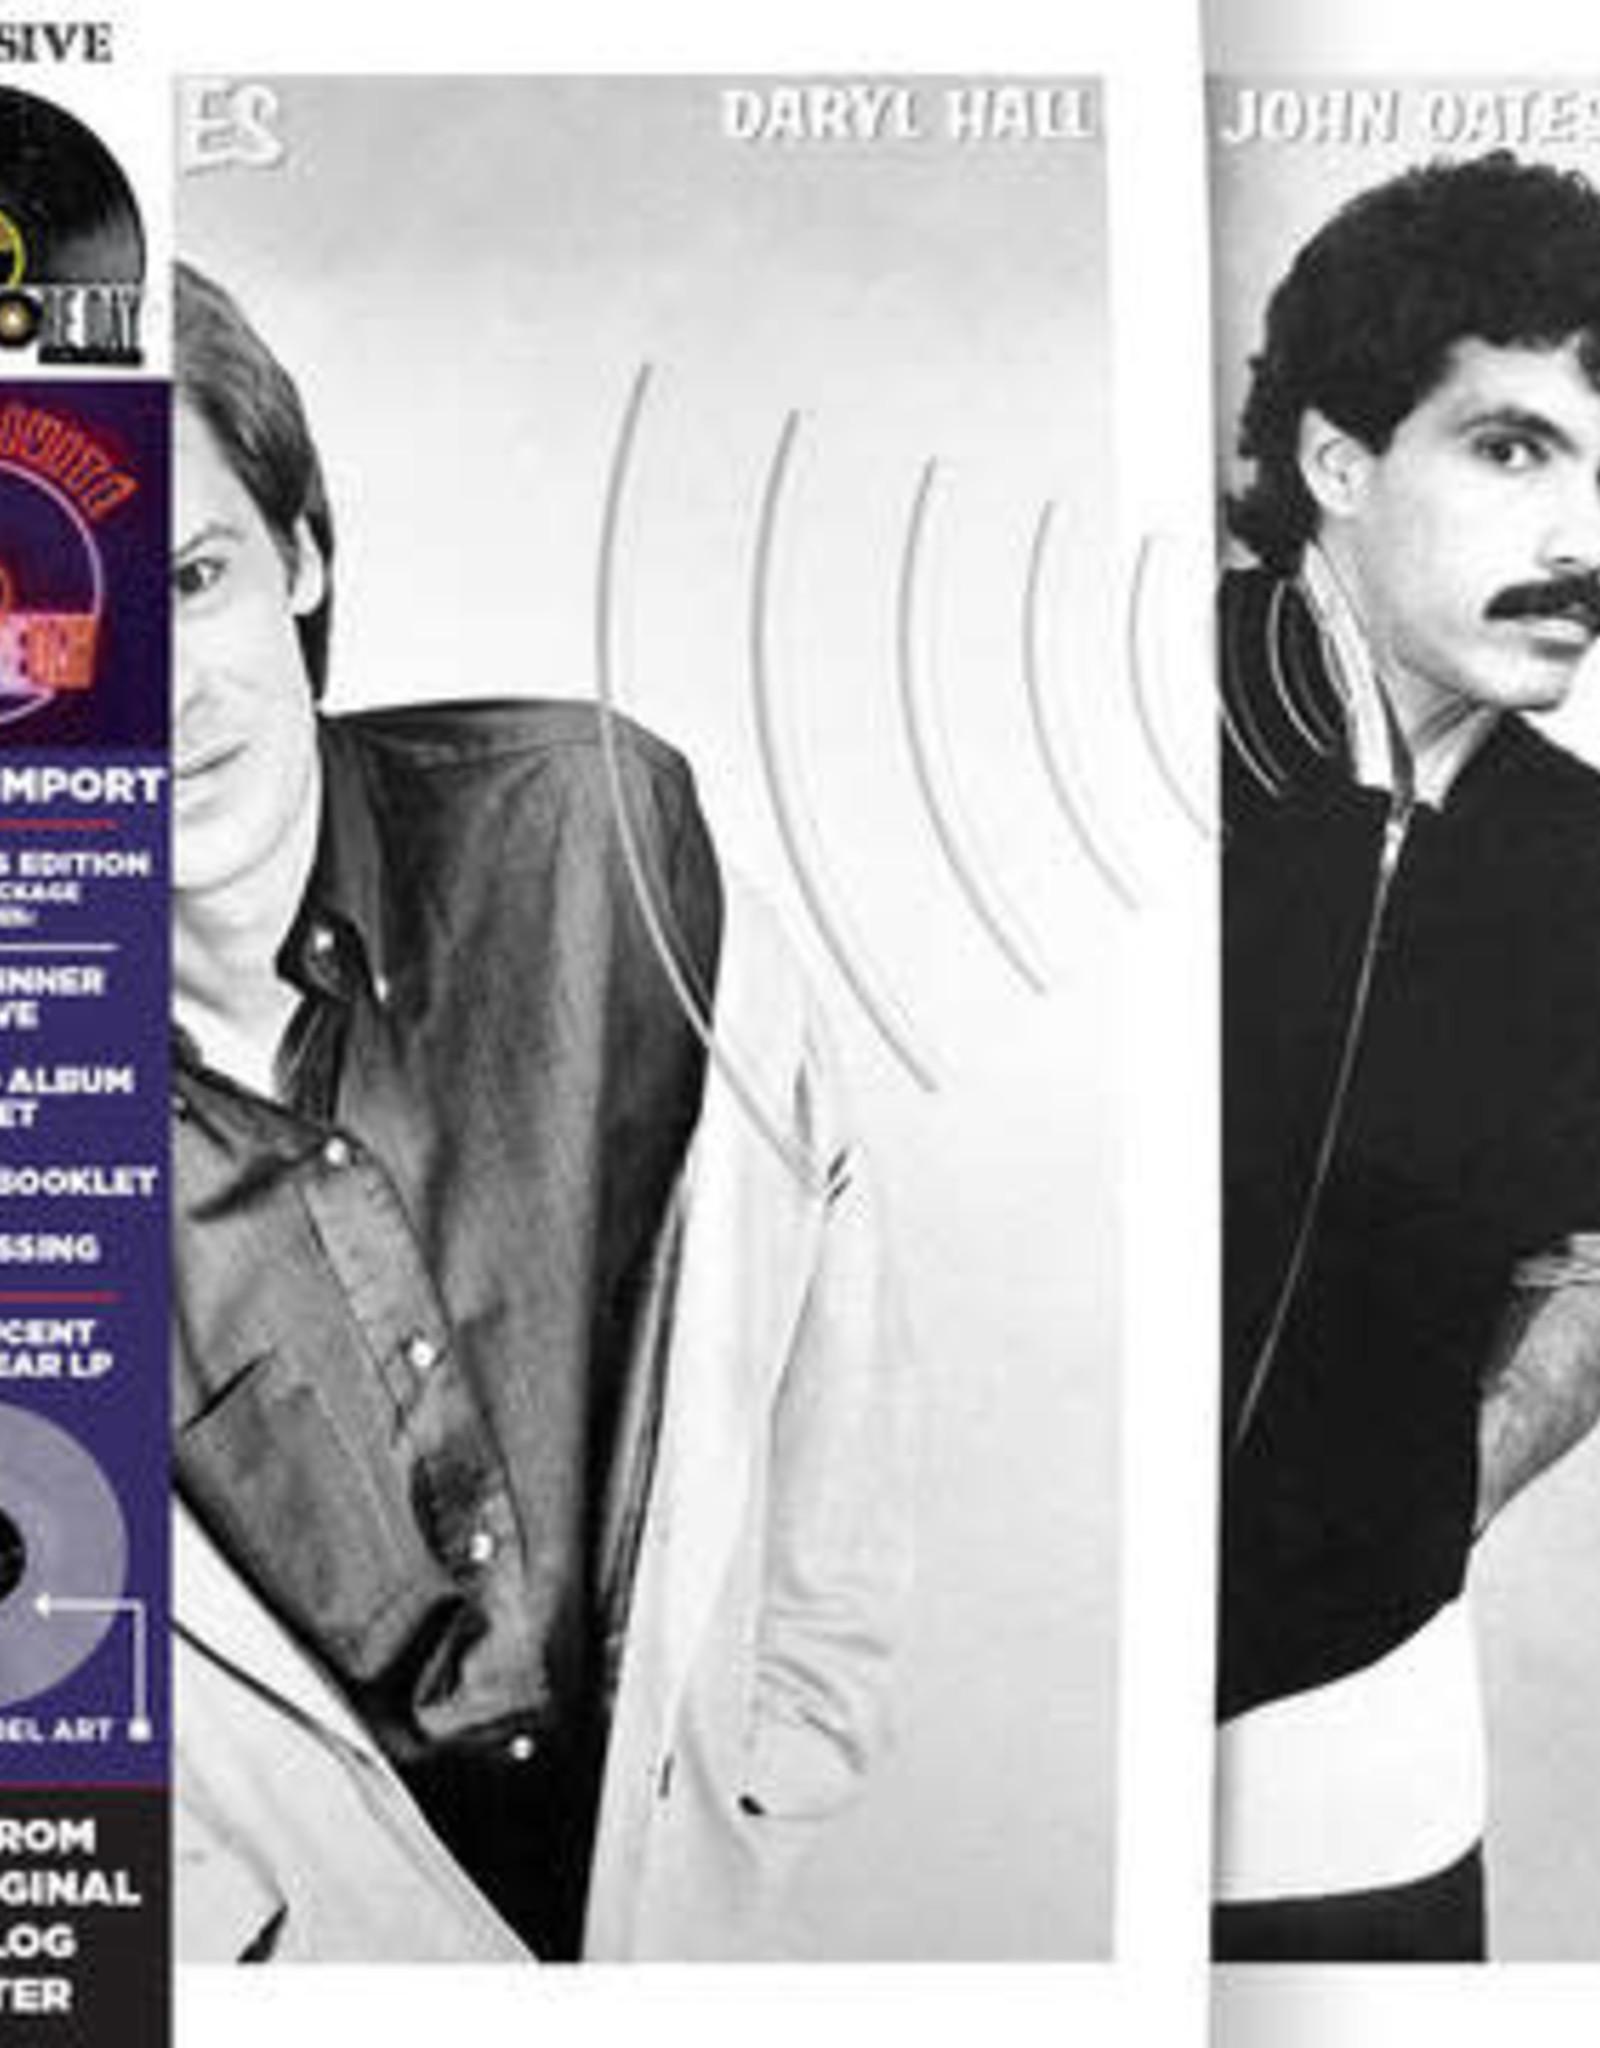 Hall & Oates - Voices (Clear Vinyl)(RSD 7/21)